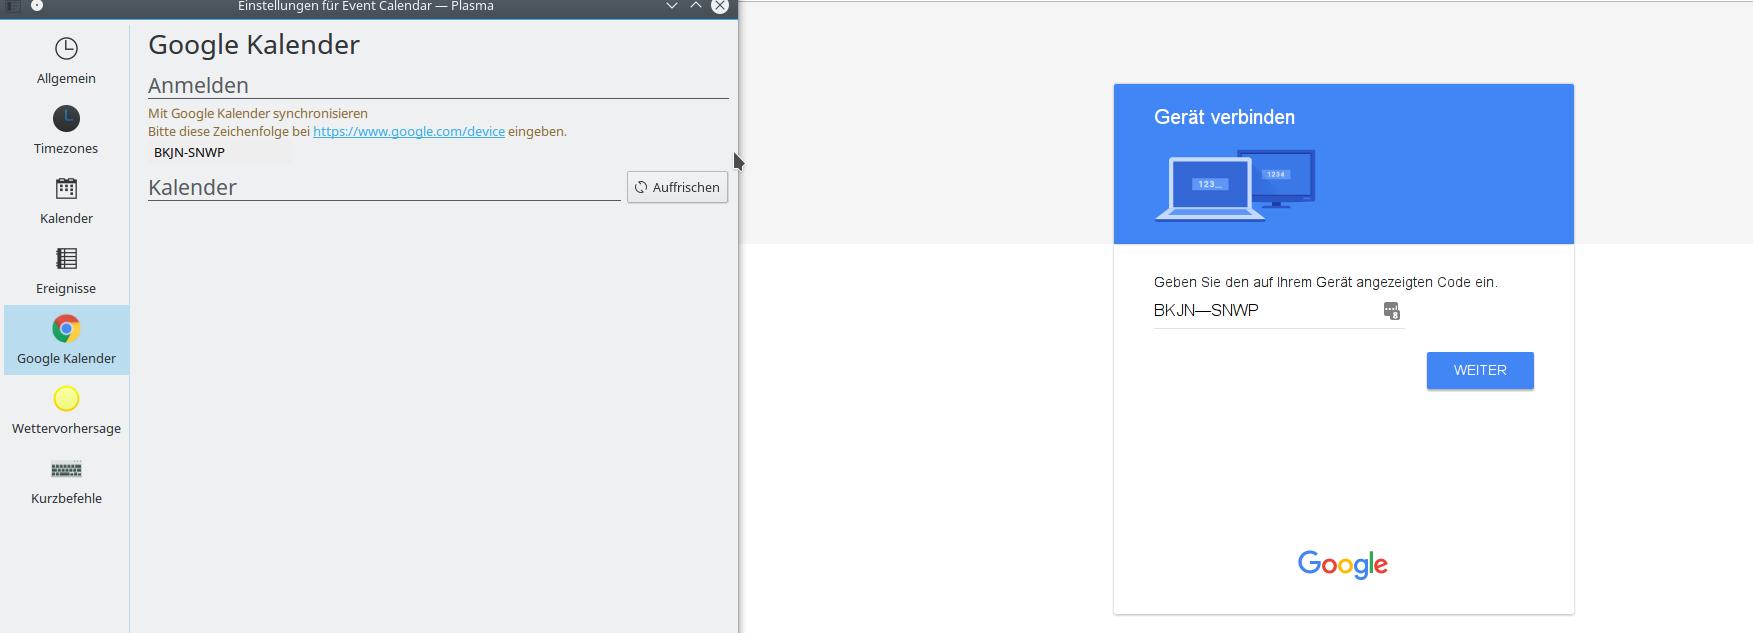 google kalender auf desktop anzeigen